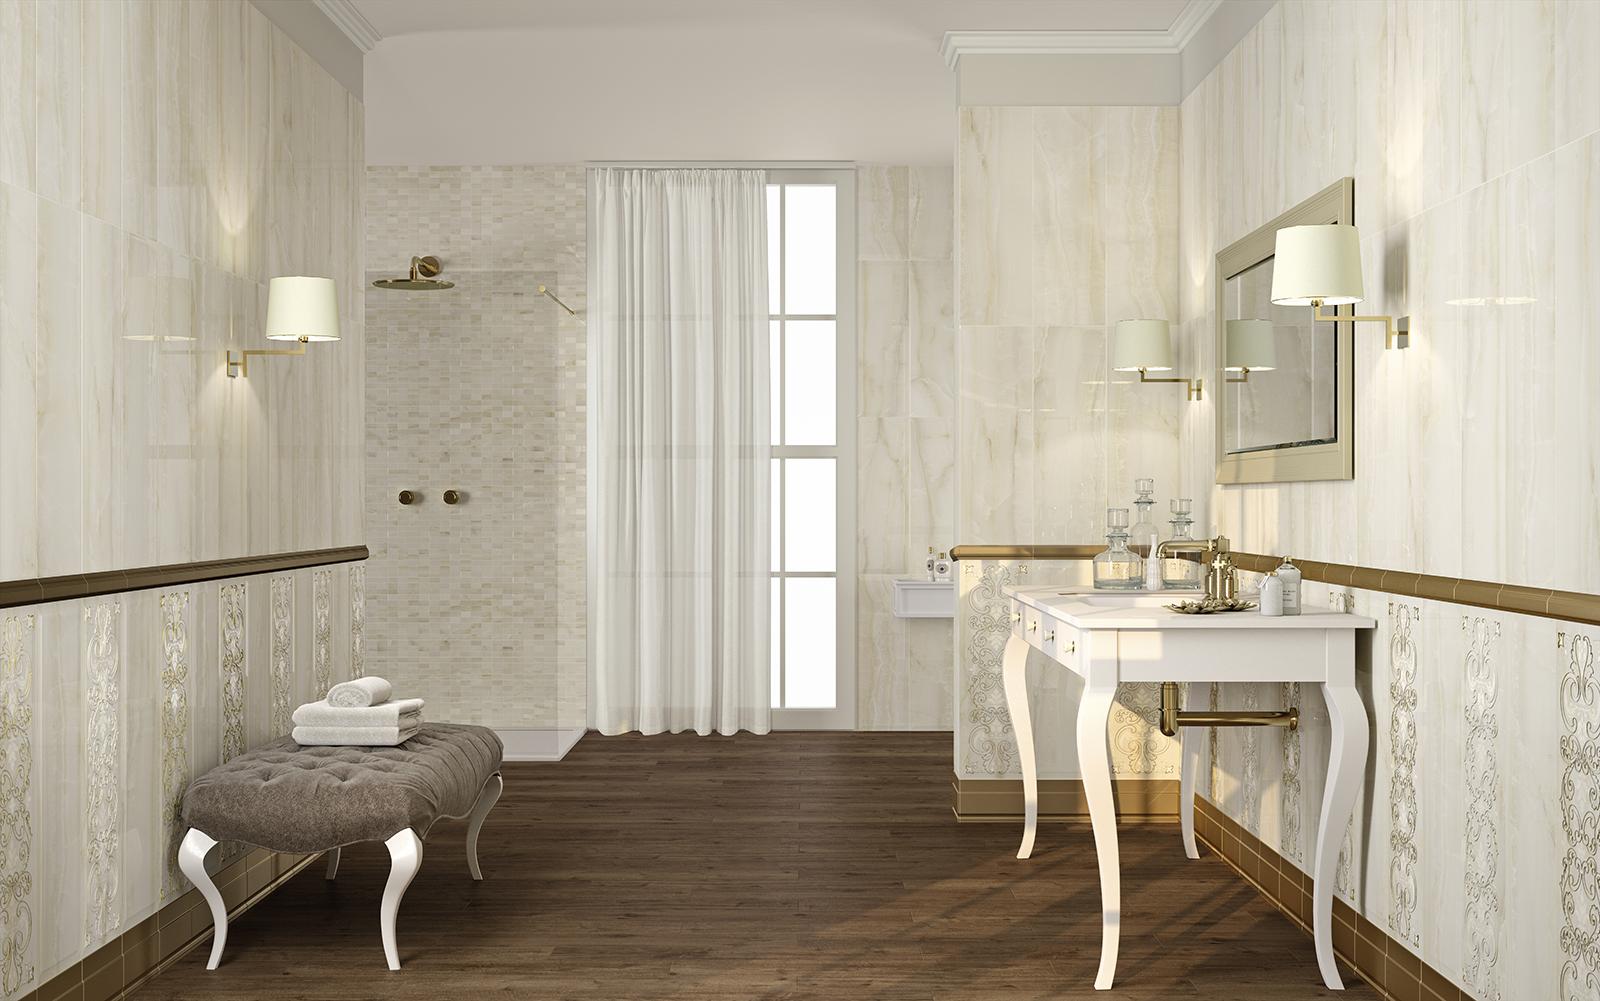 Onix ceramica per bagno effetto marmo marazzi - Catalogo piastrelle marazzi ...